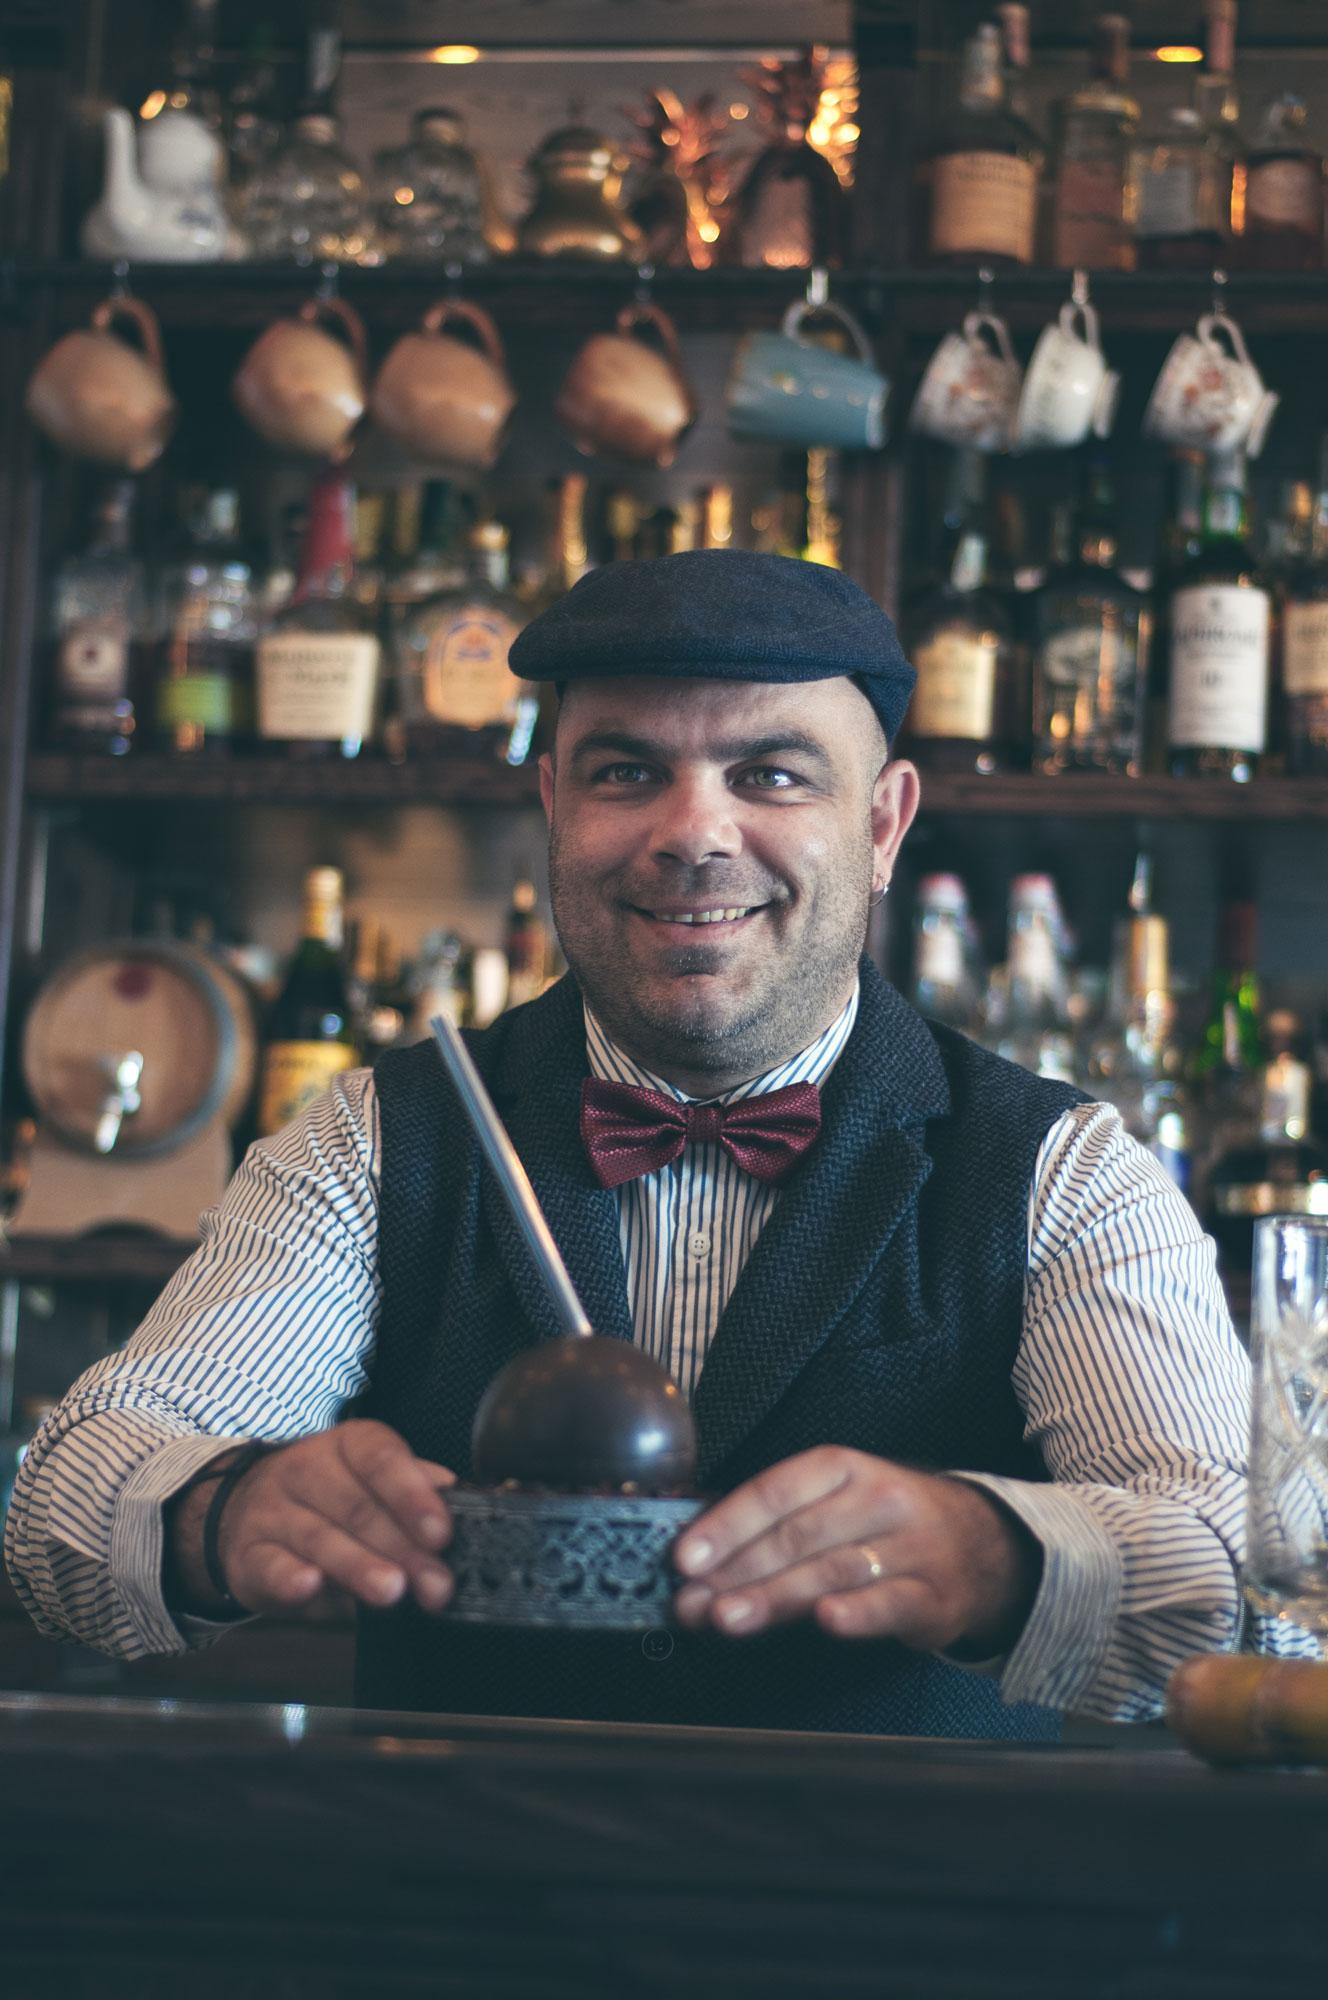 Il_-Corriere_della_sera_Amica_Fabio_camboni_cocktails